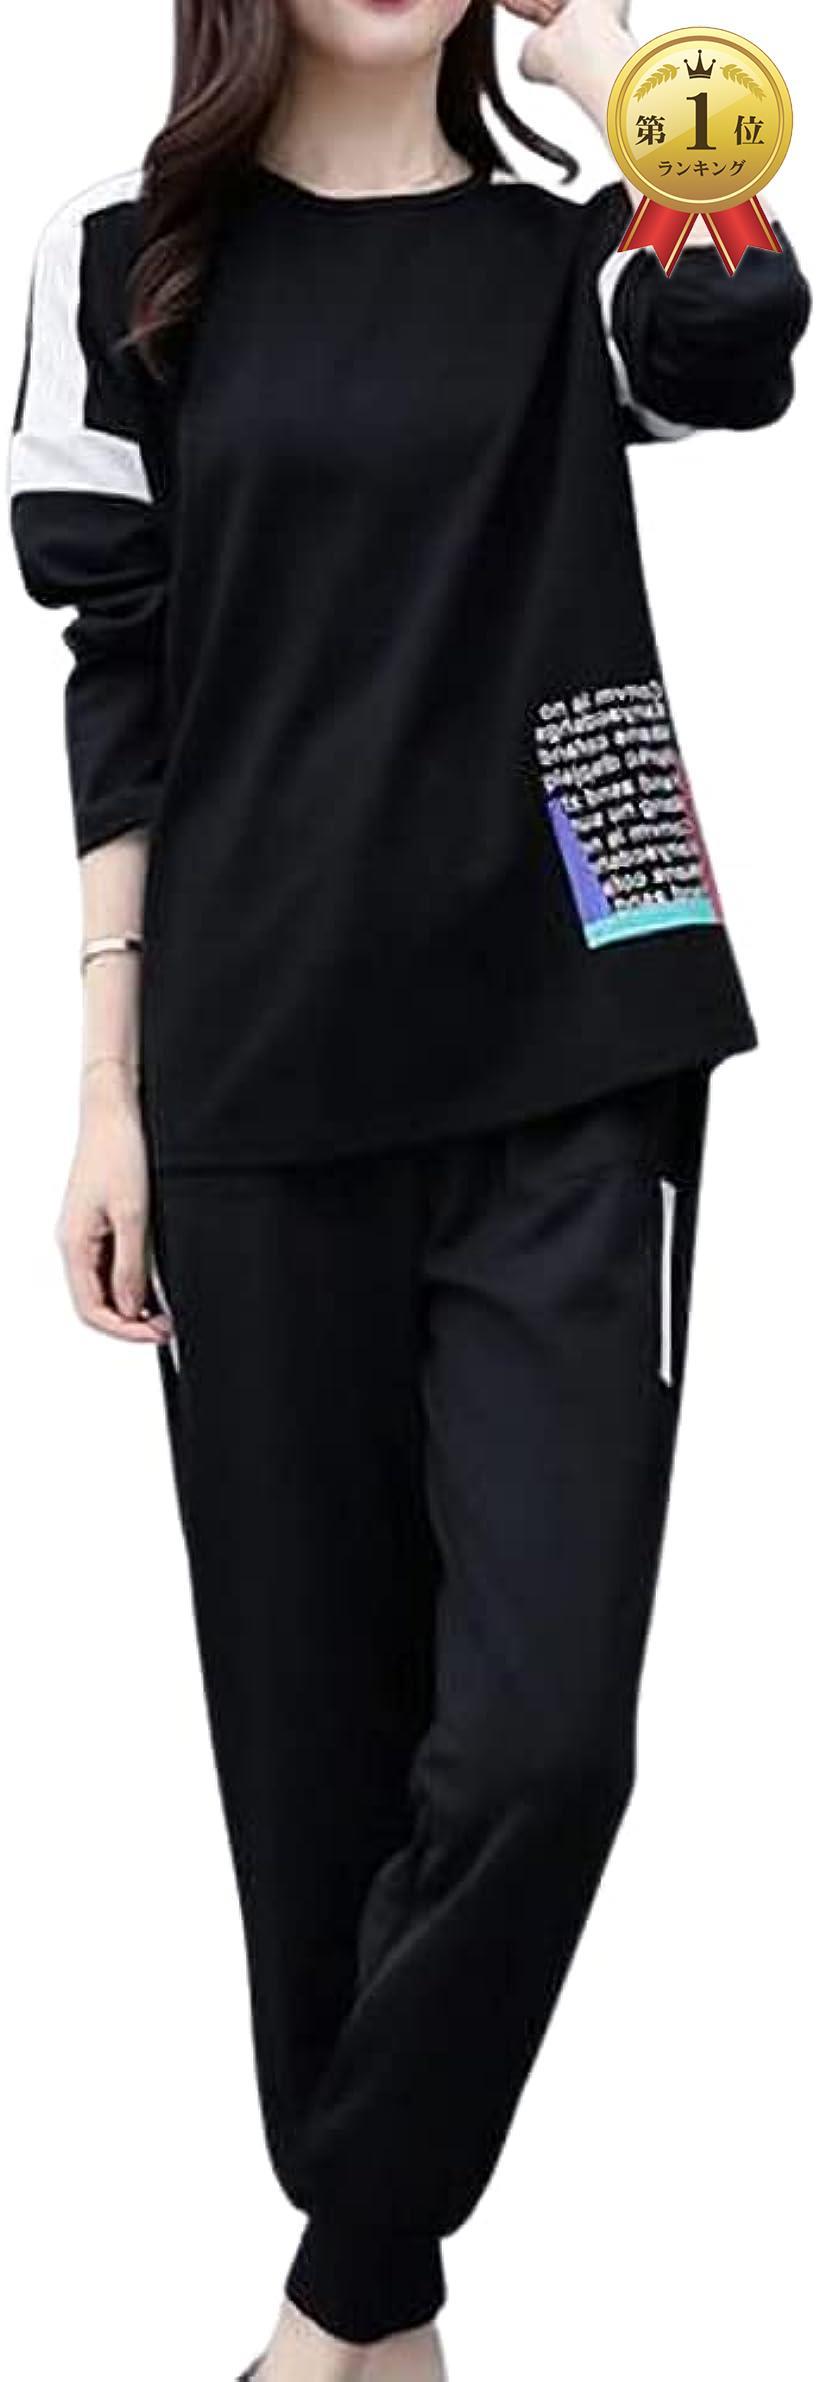 emptio エンプティオ 長袖 オシャレ 祝日 引出物 上下セット スエット レディ―ス パンツ #ブラック ブラック セットアップ M